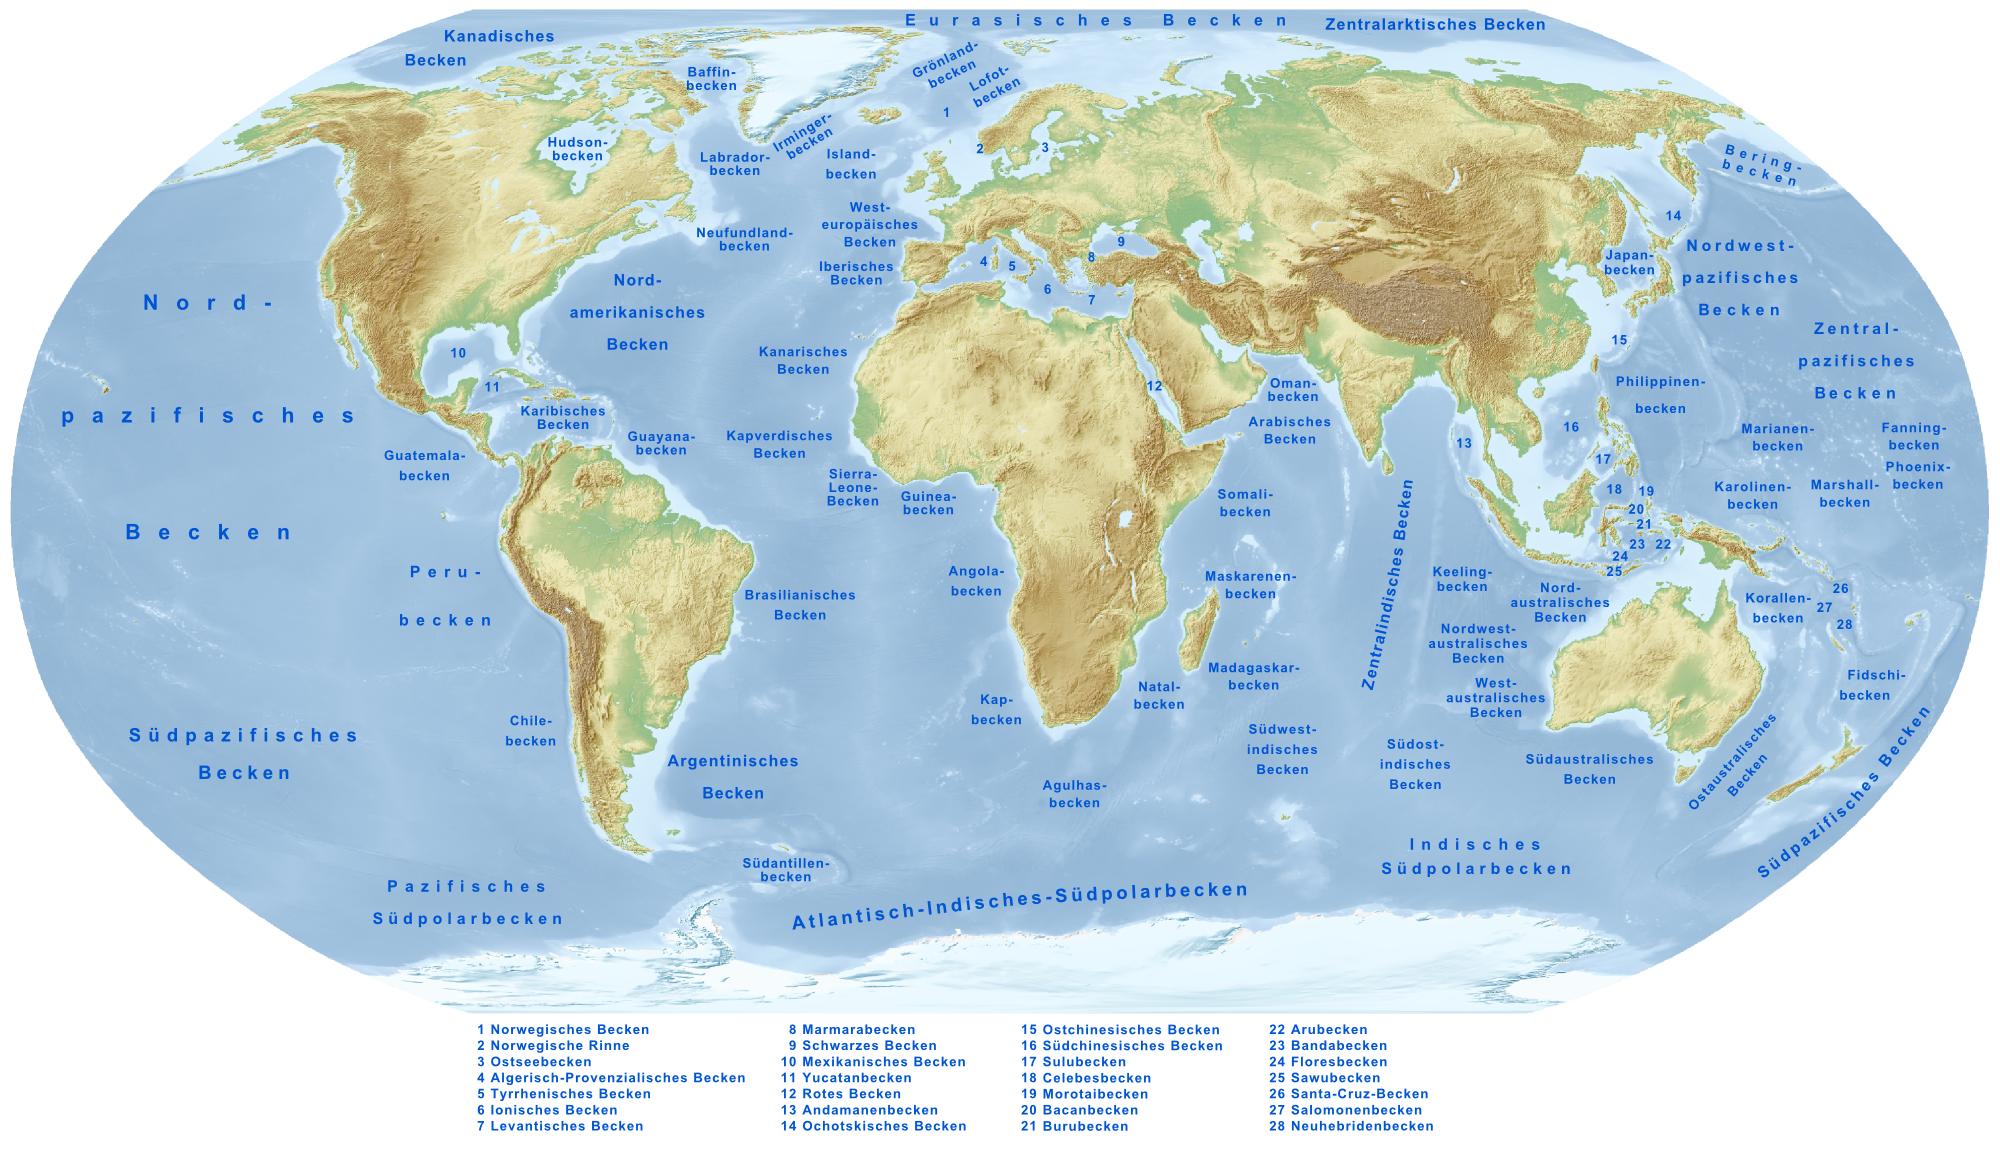 Nordpolarmeer Karte.Liste Der Meerestiefs Wikipedia